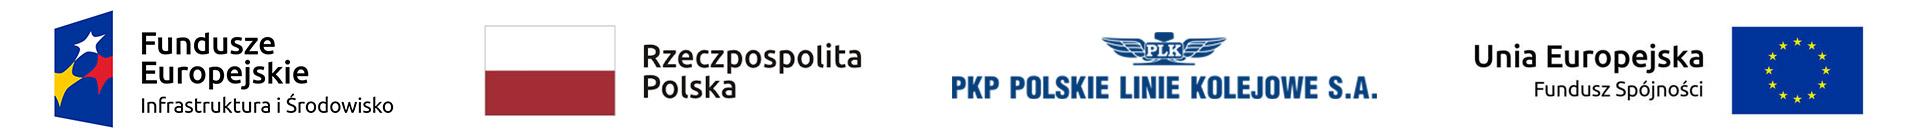 Logotypy programu Fundusze Europejskie